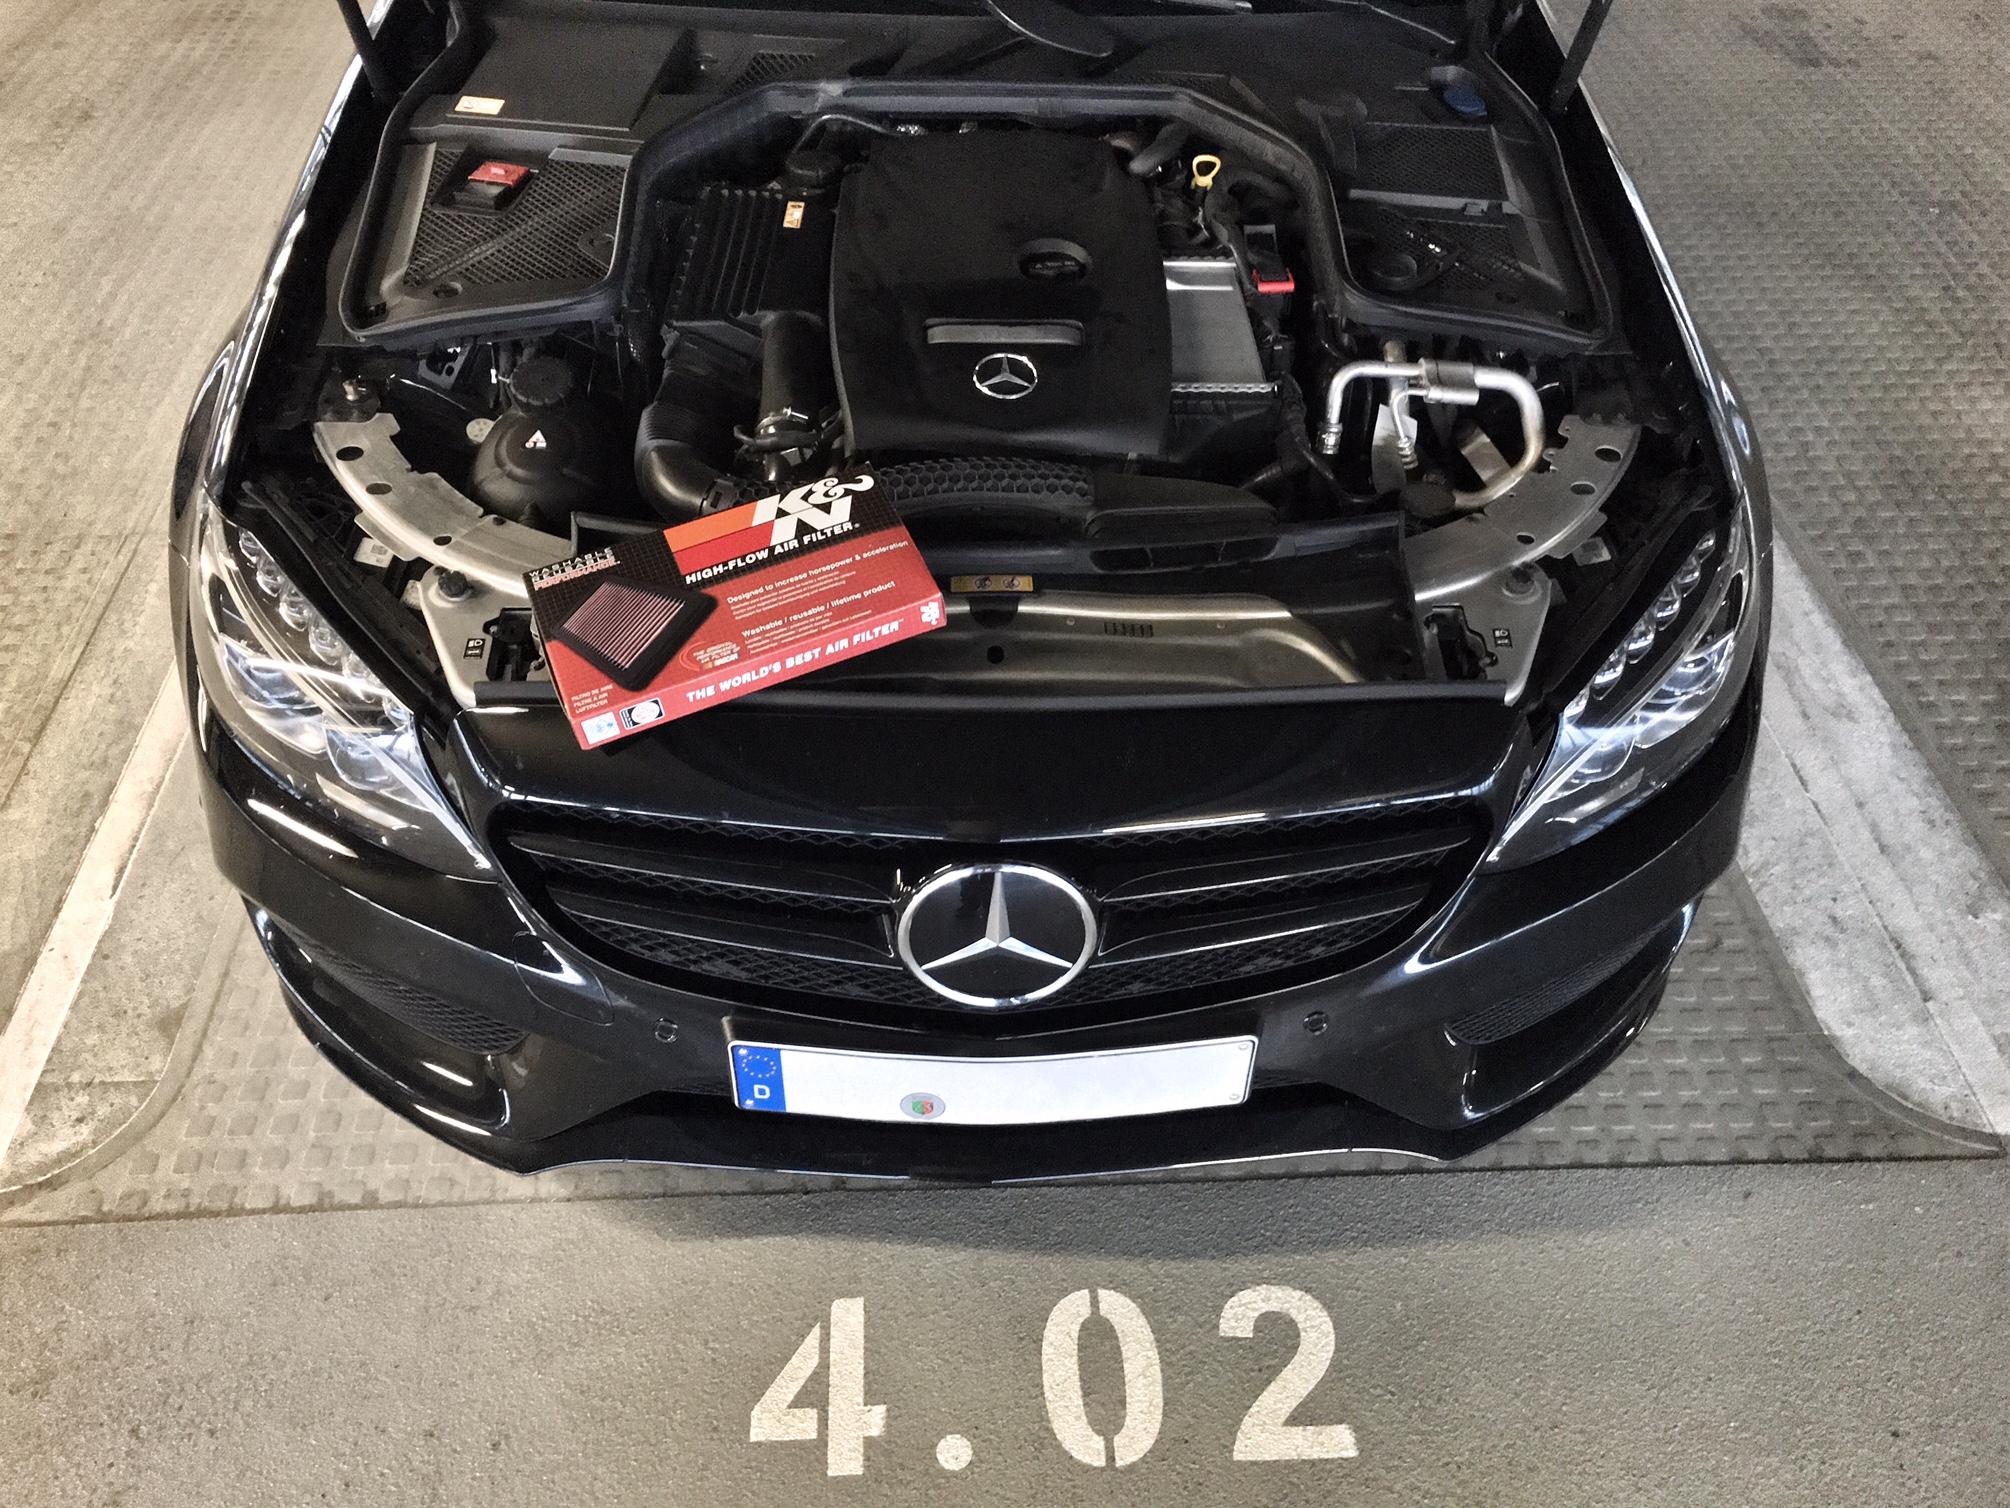 Mercedes W Innenraumfilter Wechseln